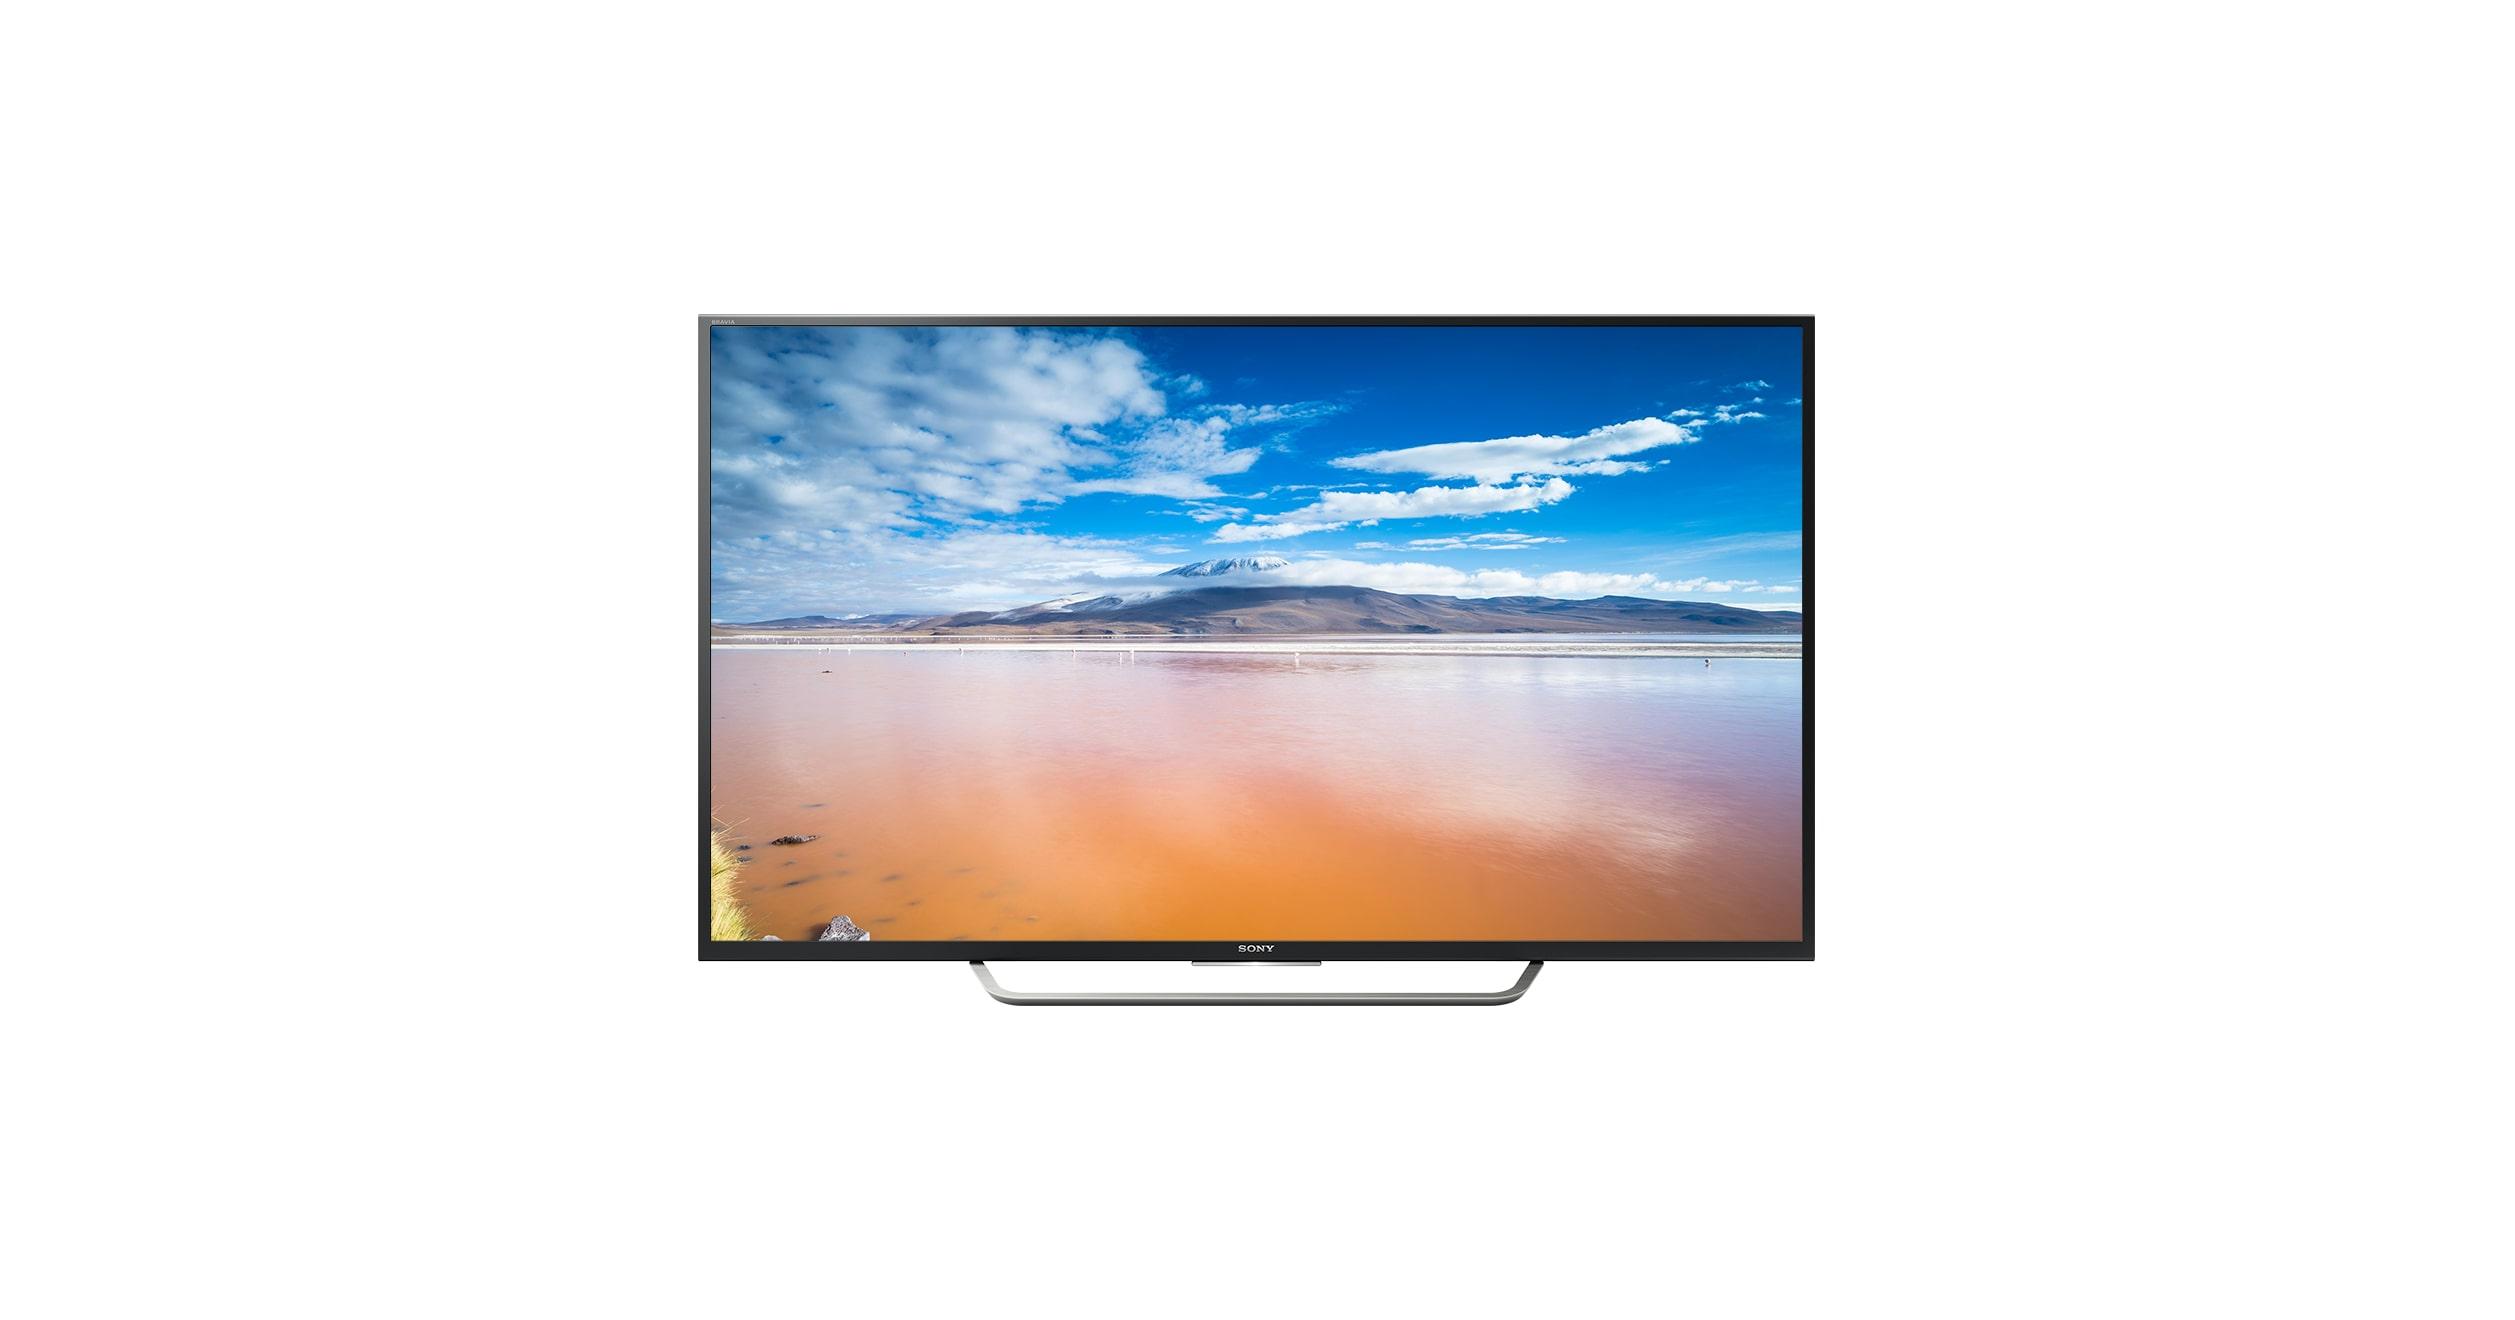 21e71bcf8 Technické parametre XD7505 / XD7005 Series | Televízory | Sony SK